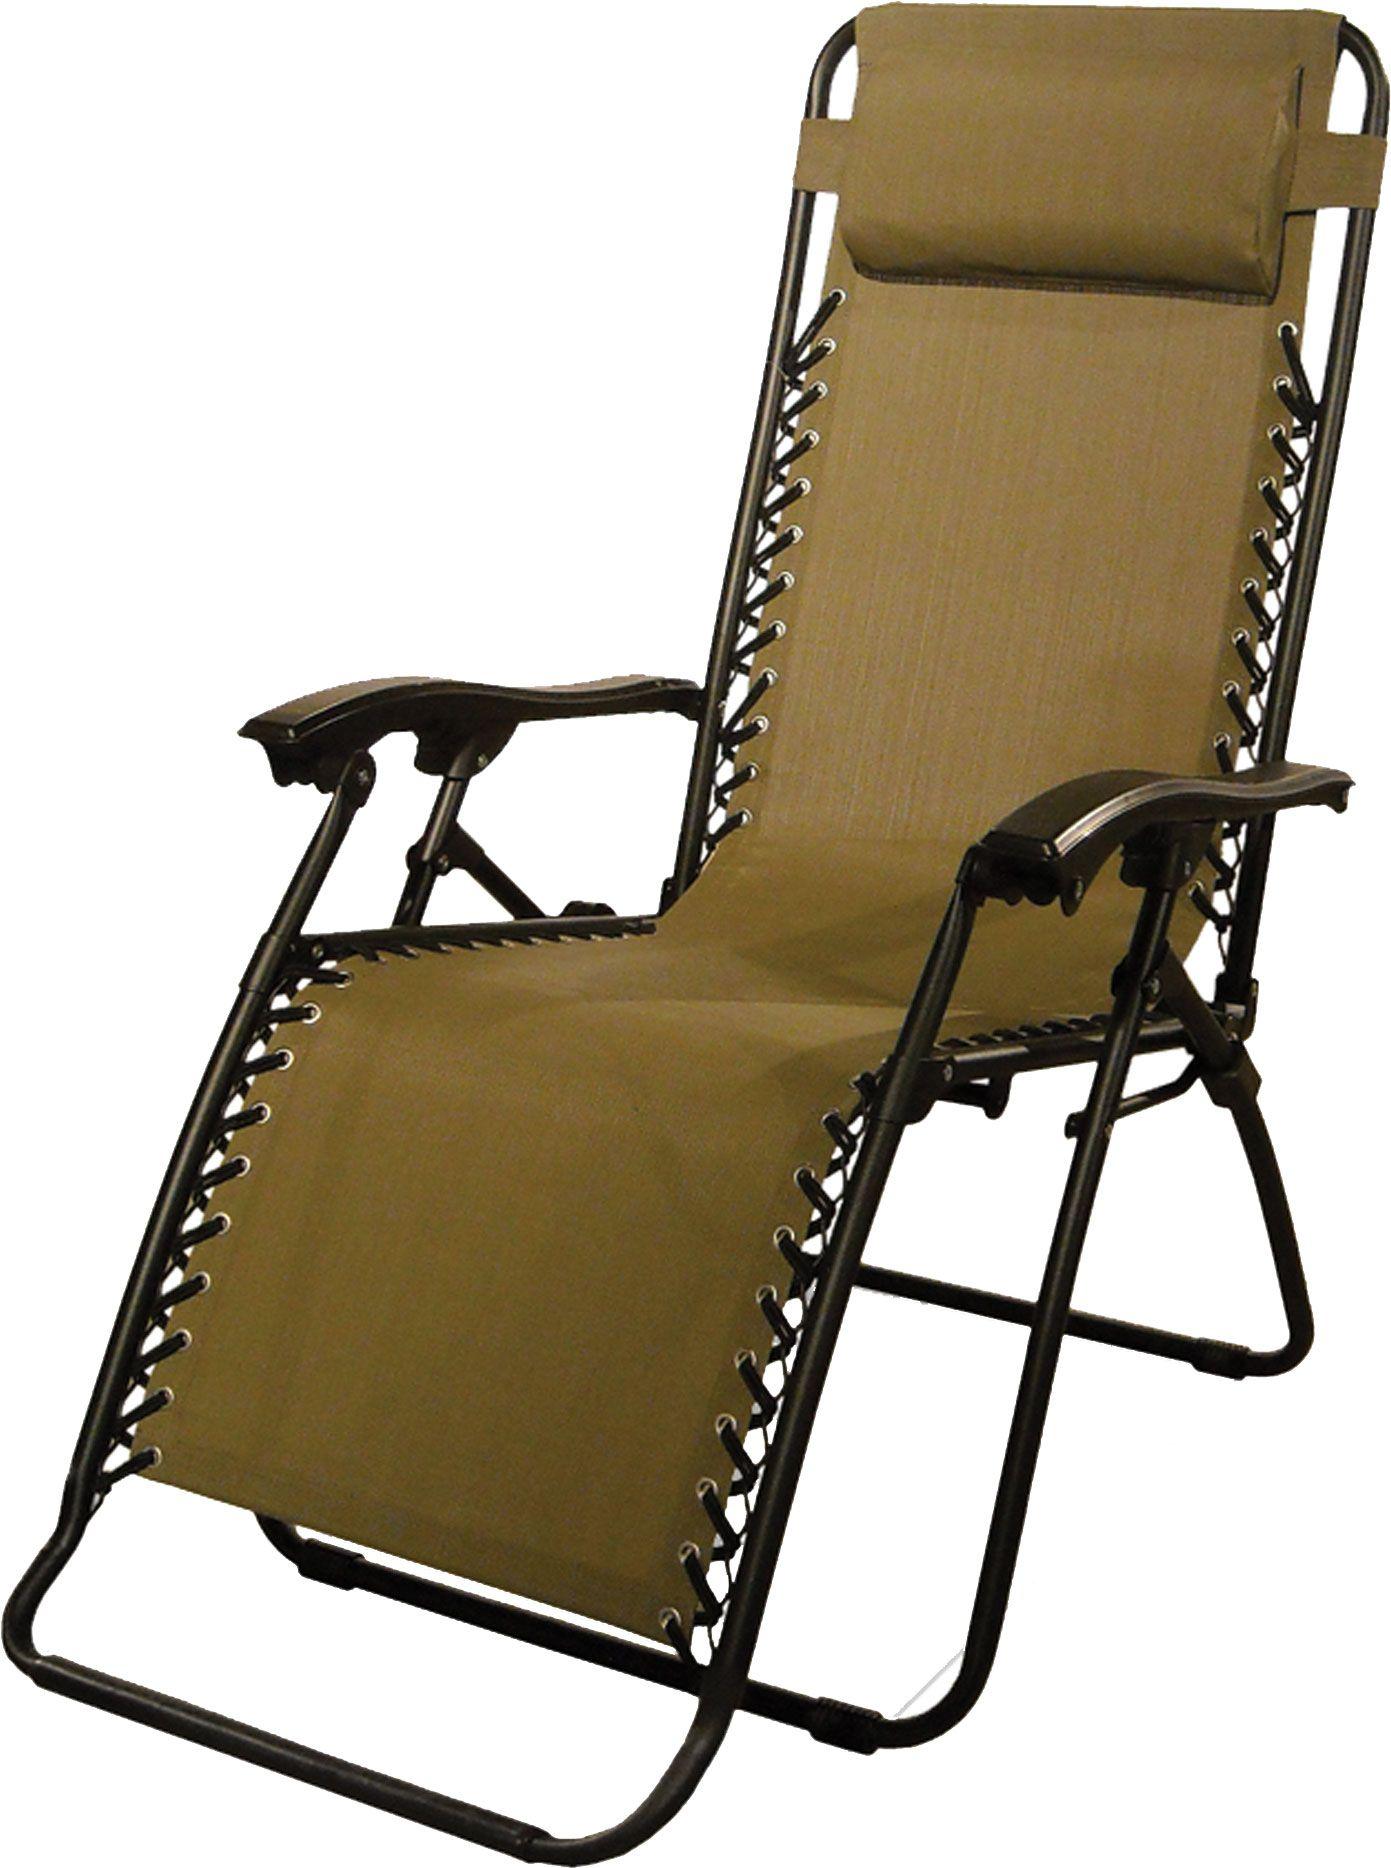 Outdoor zero gravity chair - Noimagefound